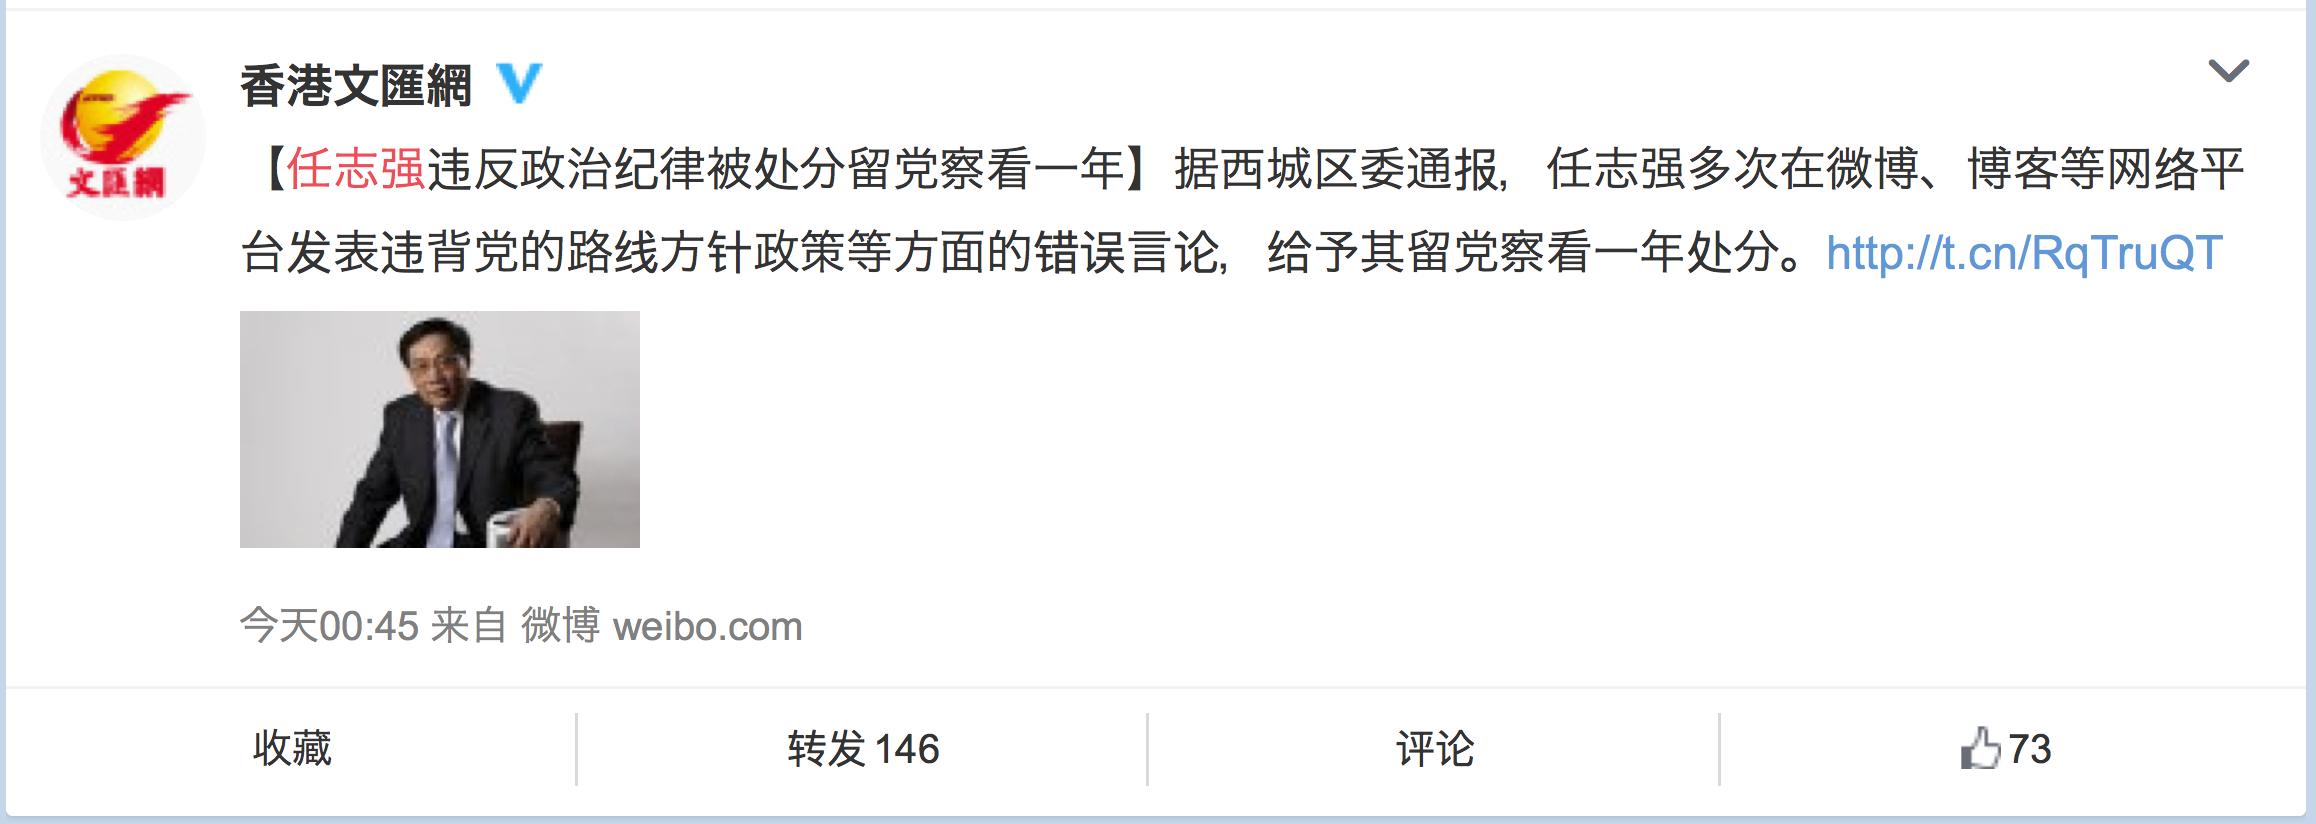 香港文汇报